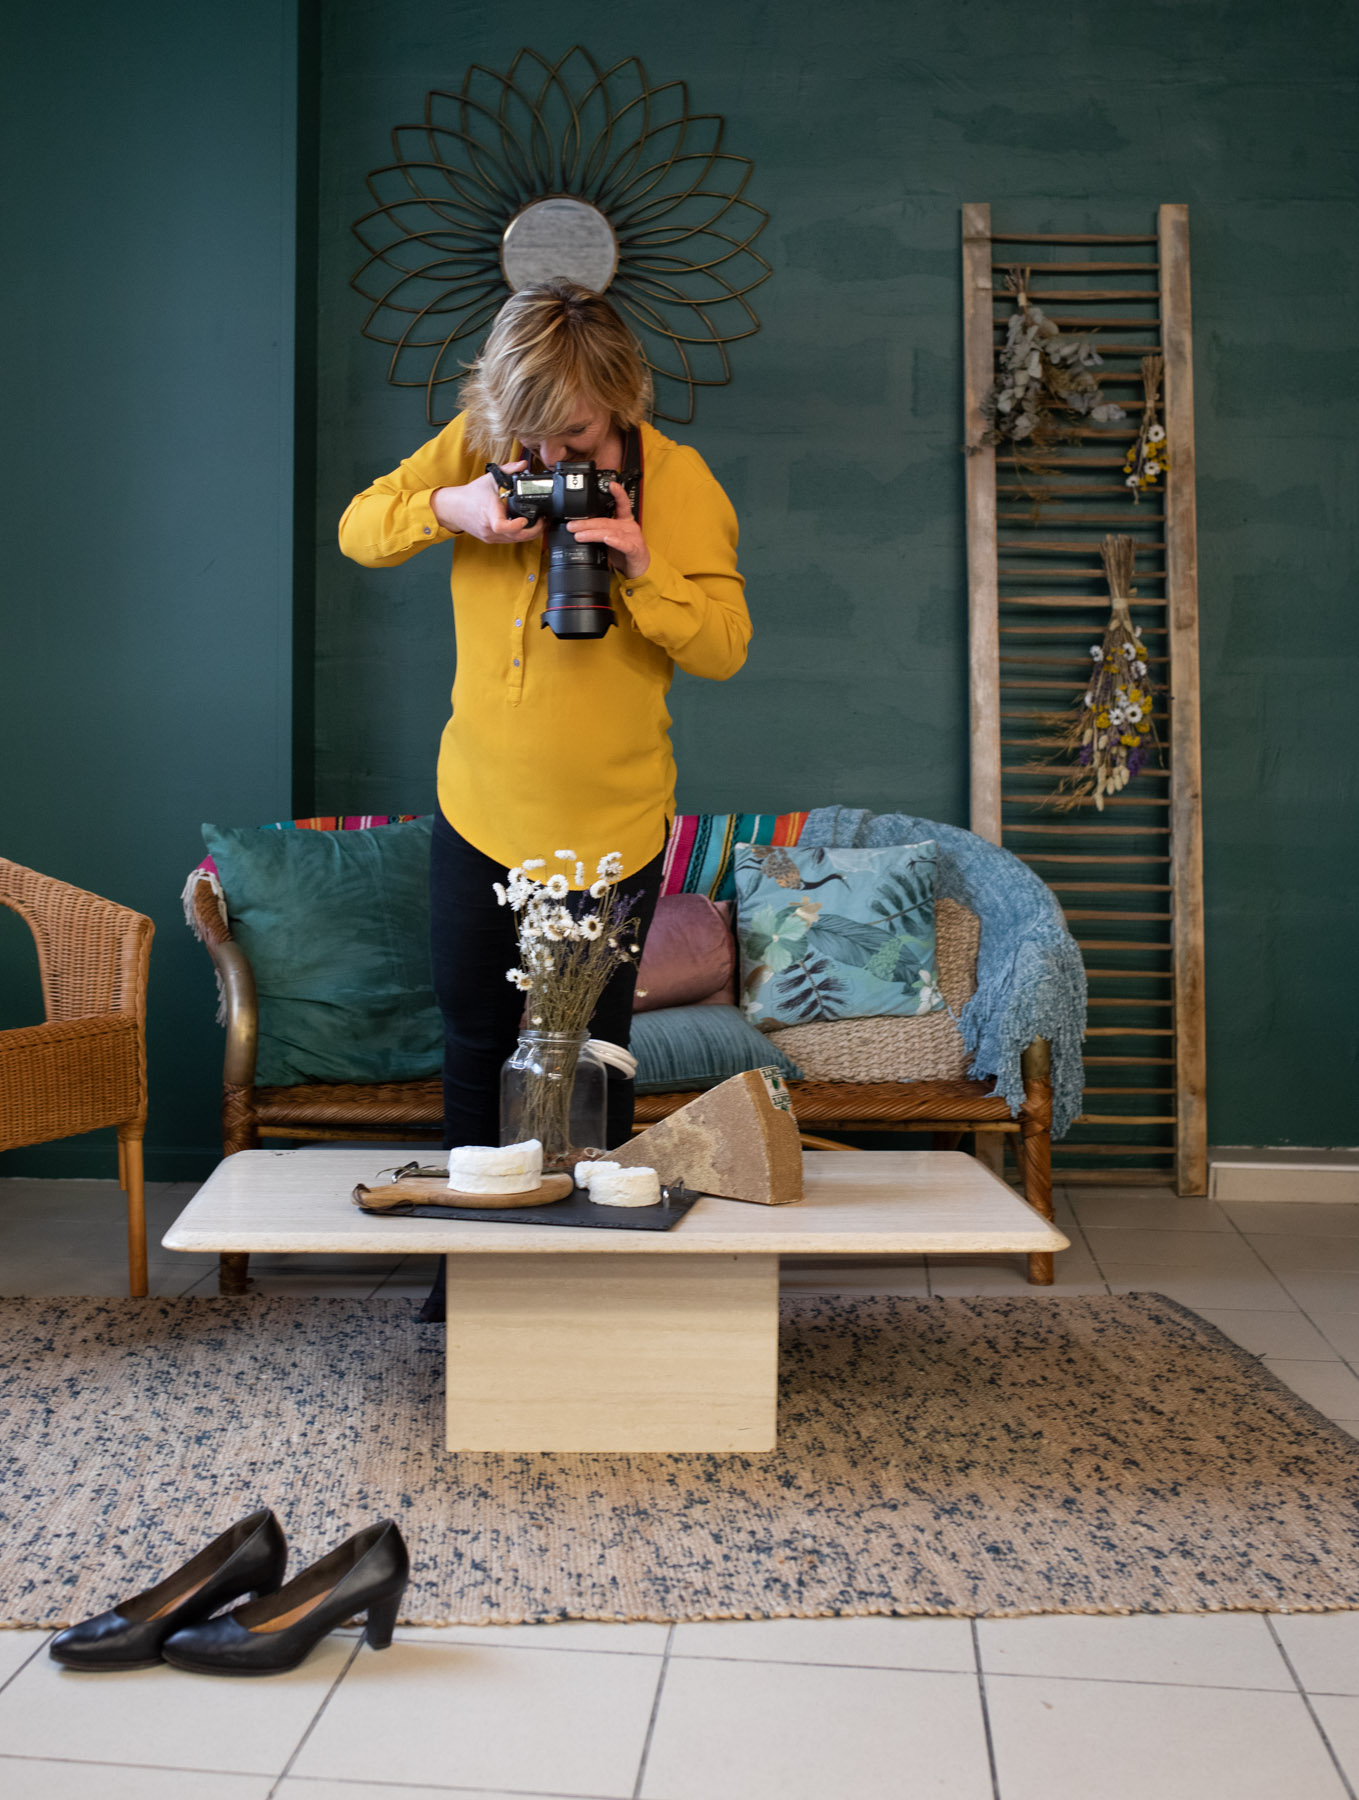 carole photographe en reportage entreprise commerce